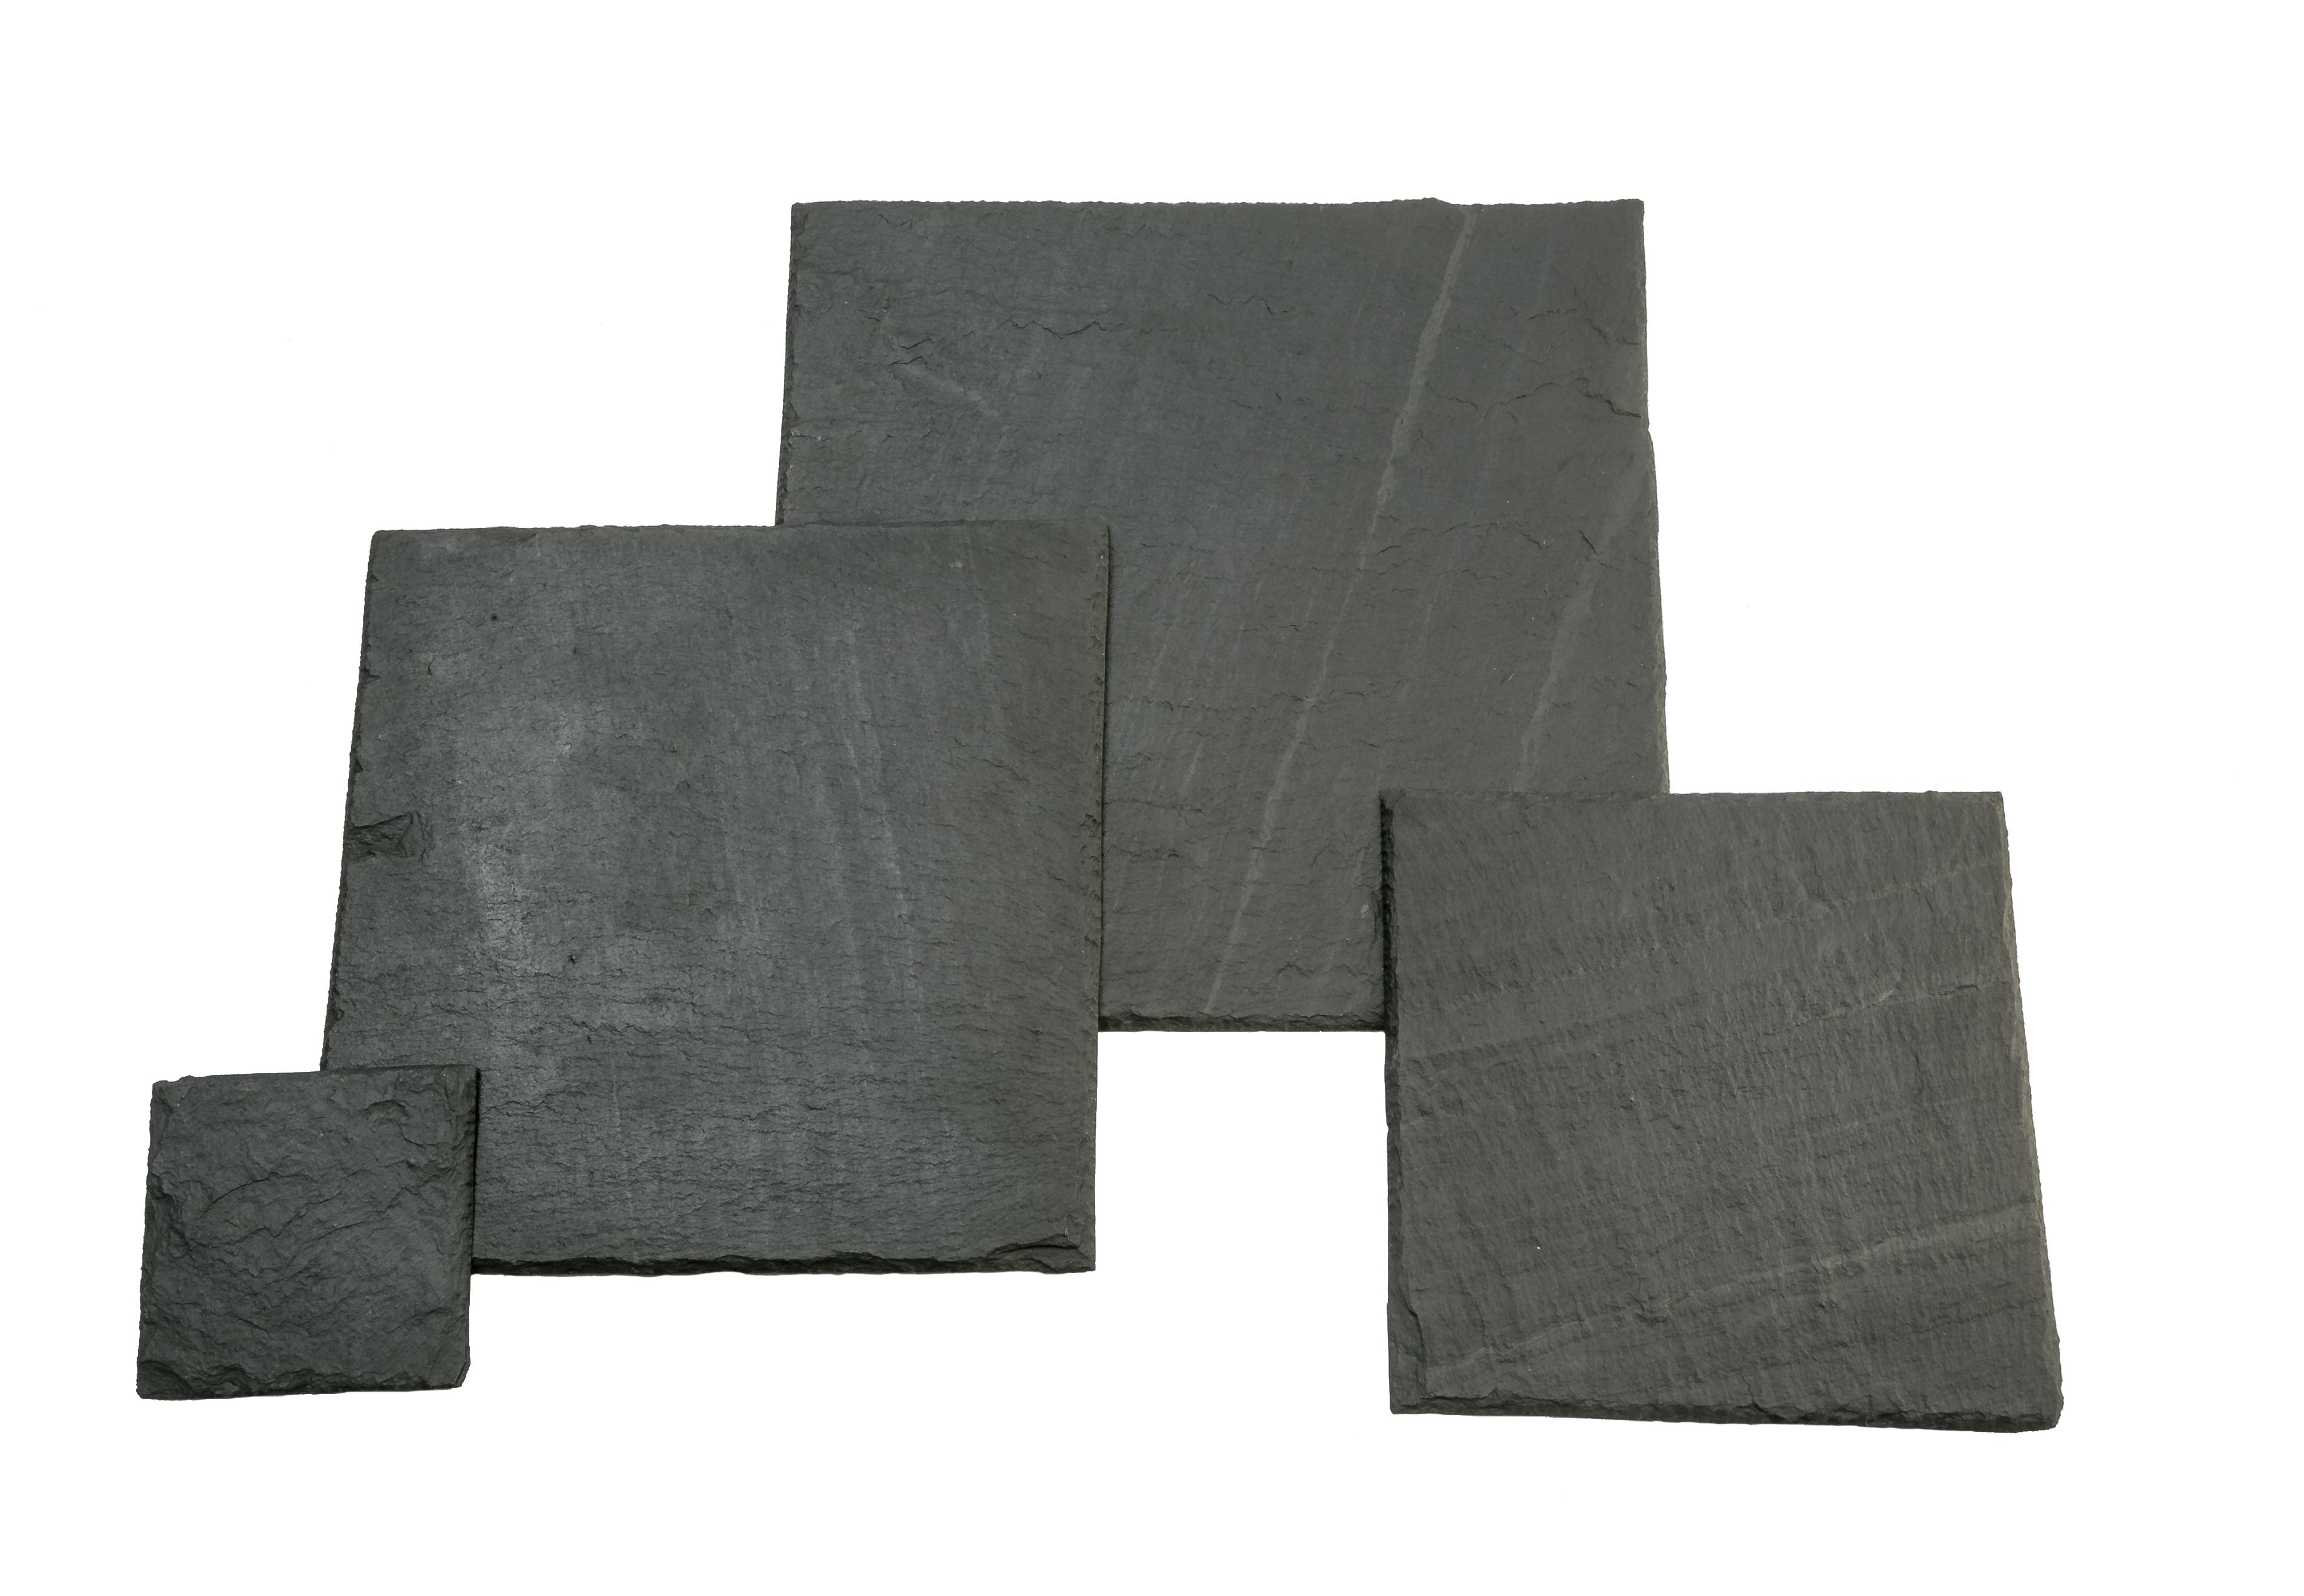 Verscieden große Schieferplatten in Quadratform